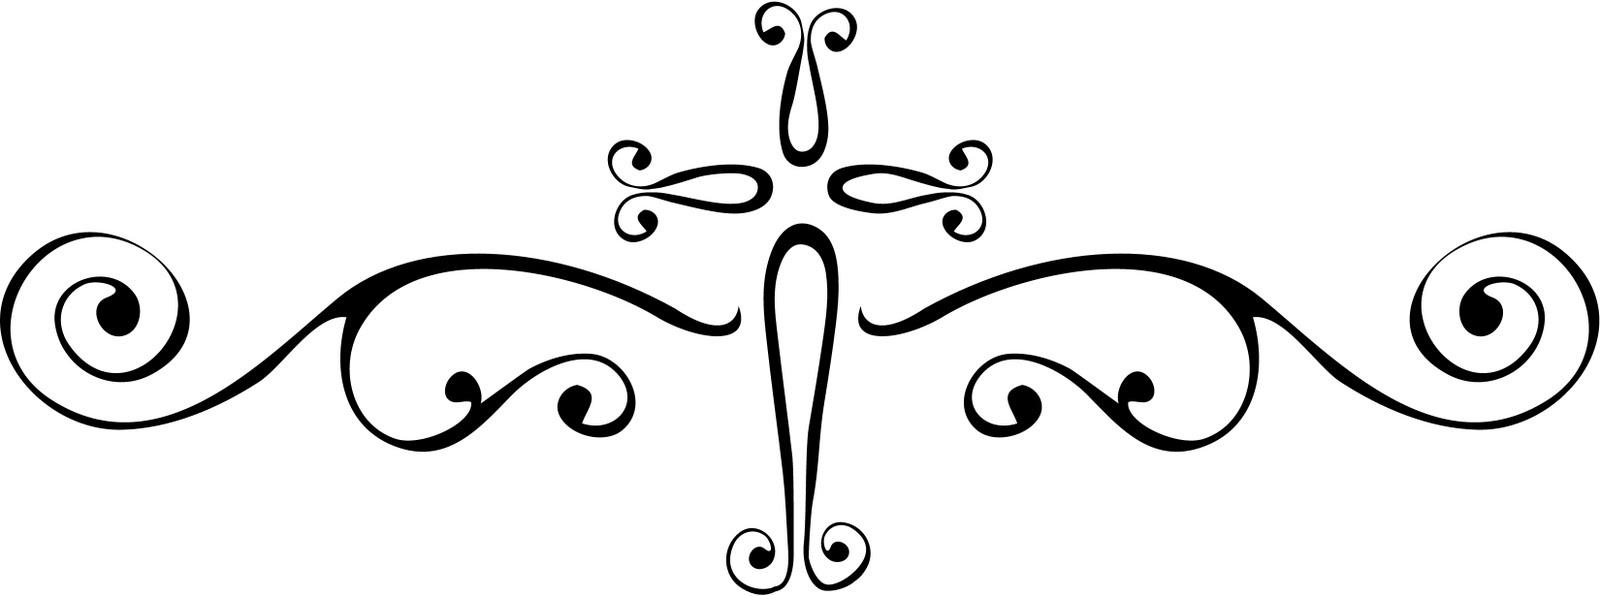 Filigree Cross Clip Art ..